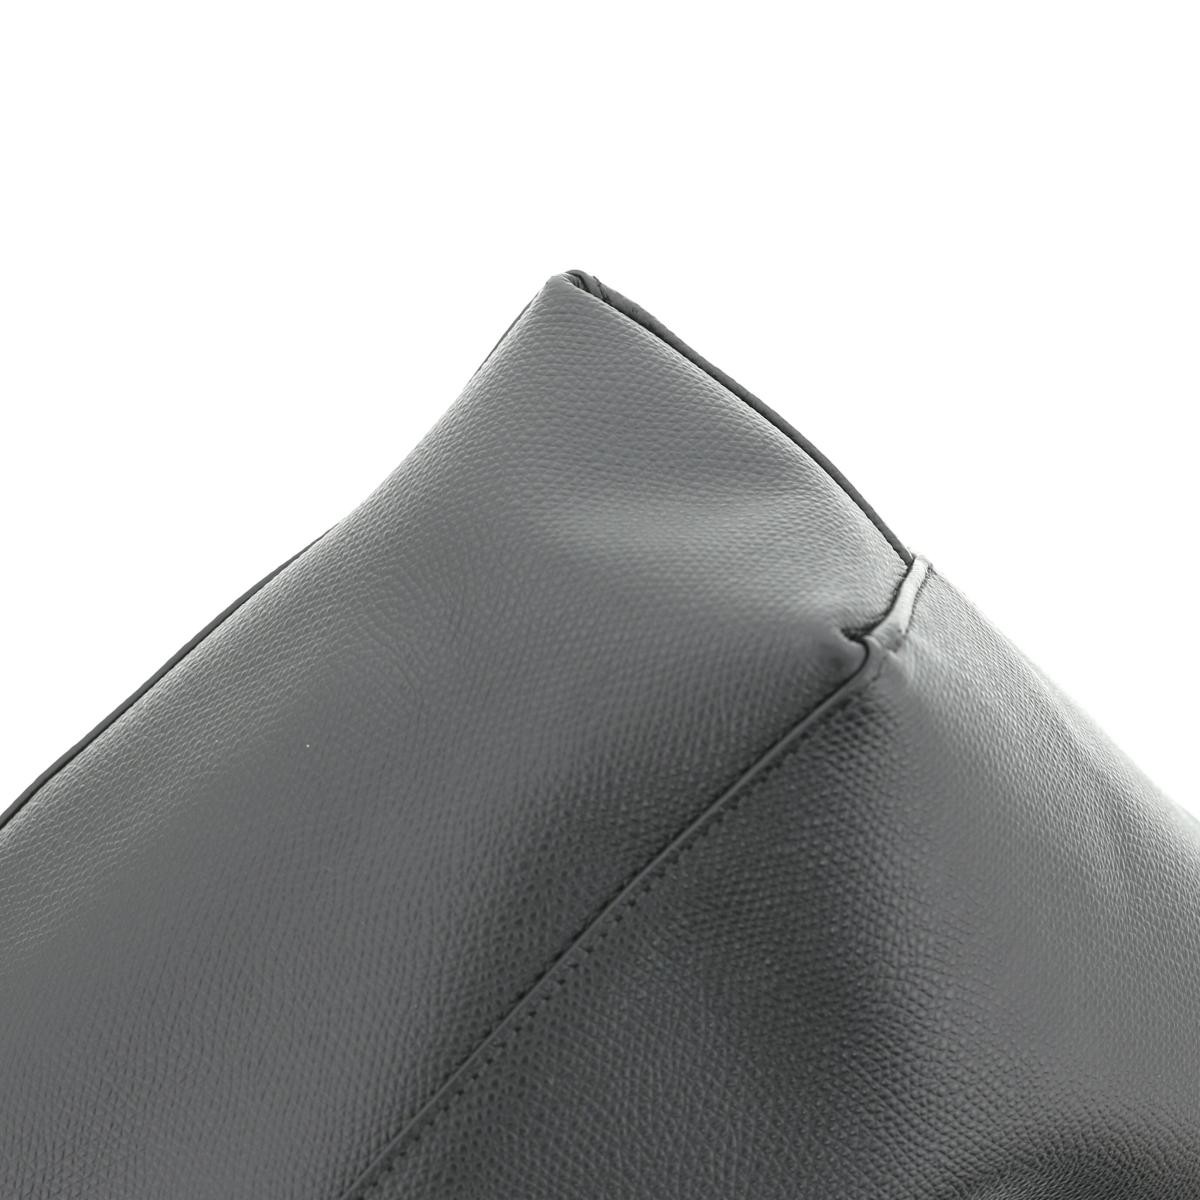 【中古】CELINE セリーヌ カバ スモール 2WAY トートバッグ バッグ ハンドバッグ  Black/ブラック 17618 used:A